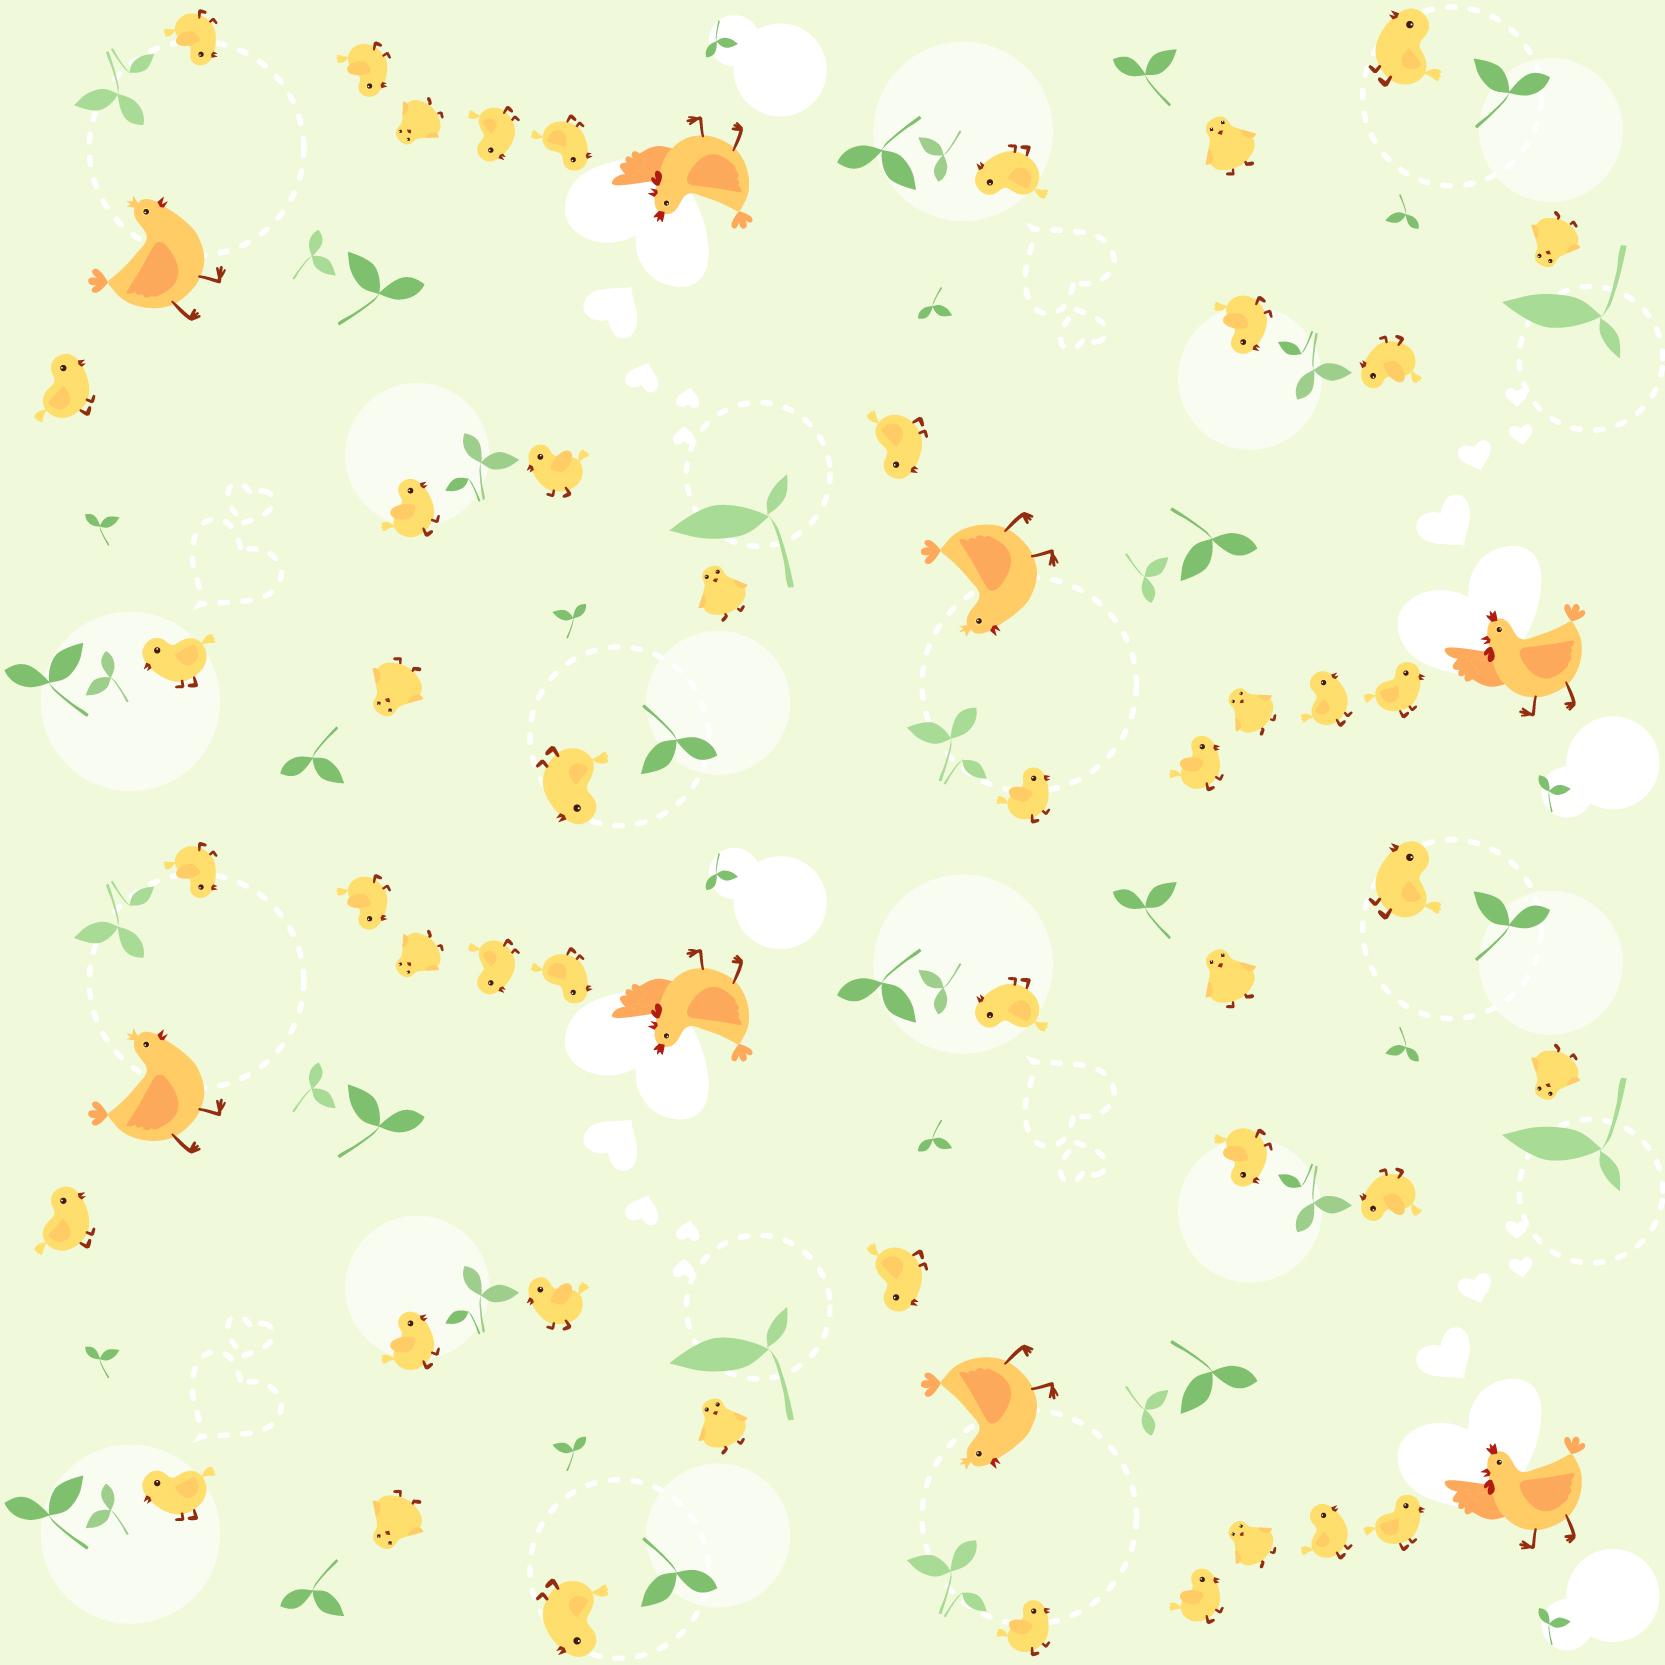 植物叶子动物小鸡印花矢量图服装纺织数码印花花型素材-POP花型网